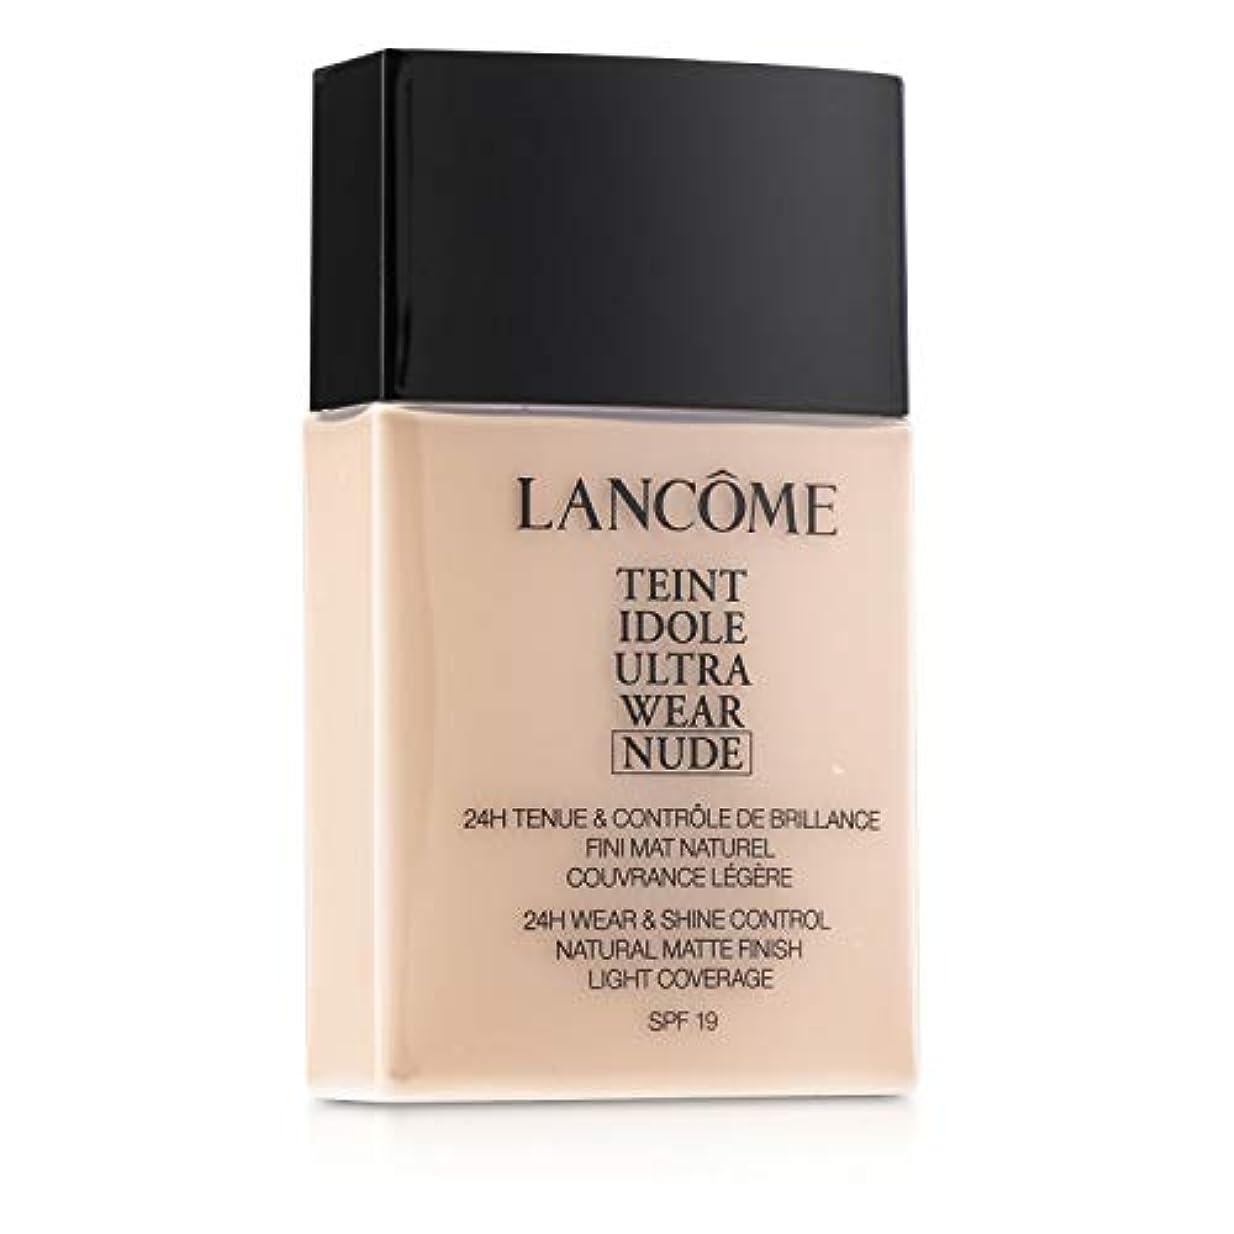 大砲ほのか仲間ランコム Teint Idole Ultra Wear Nude Foundation SPF19 - # 007 Beige Rose 40ml/1.3oz並行輸入品